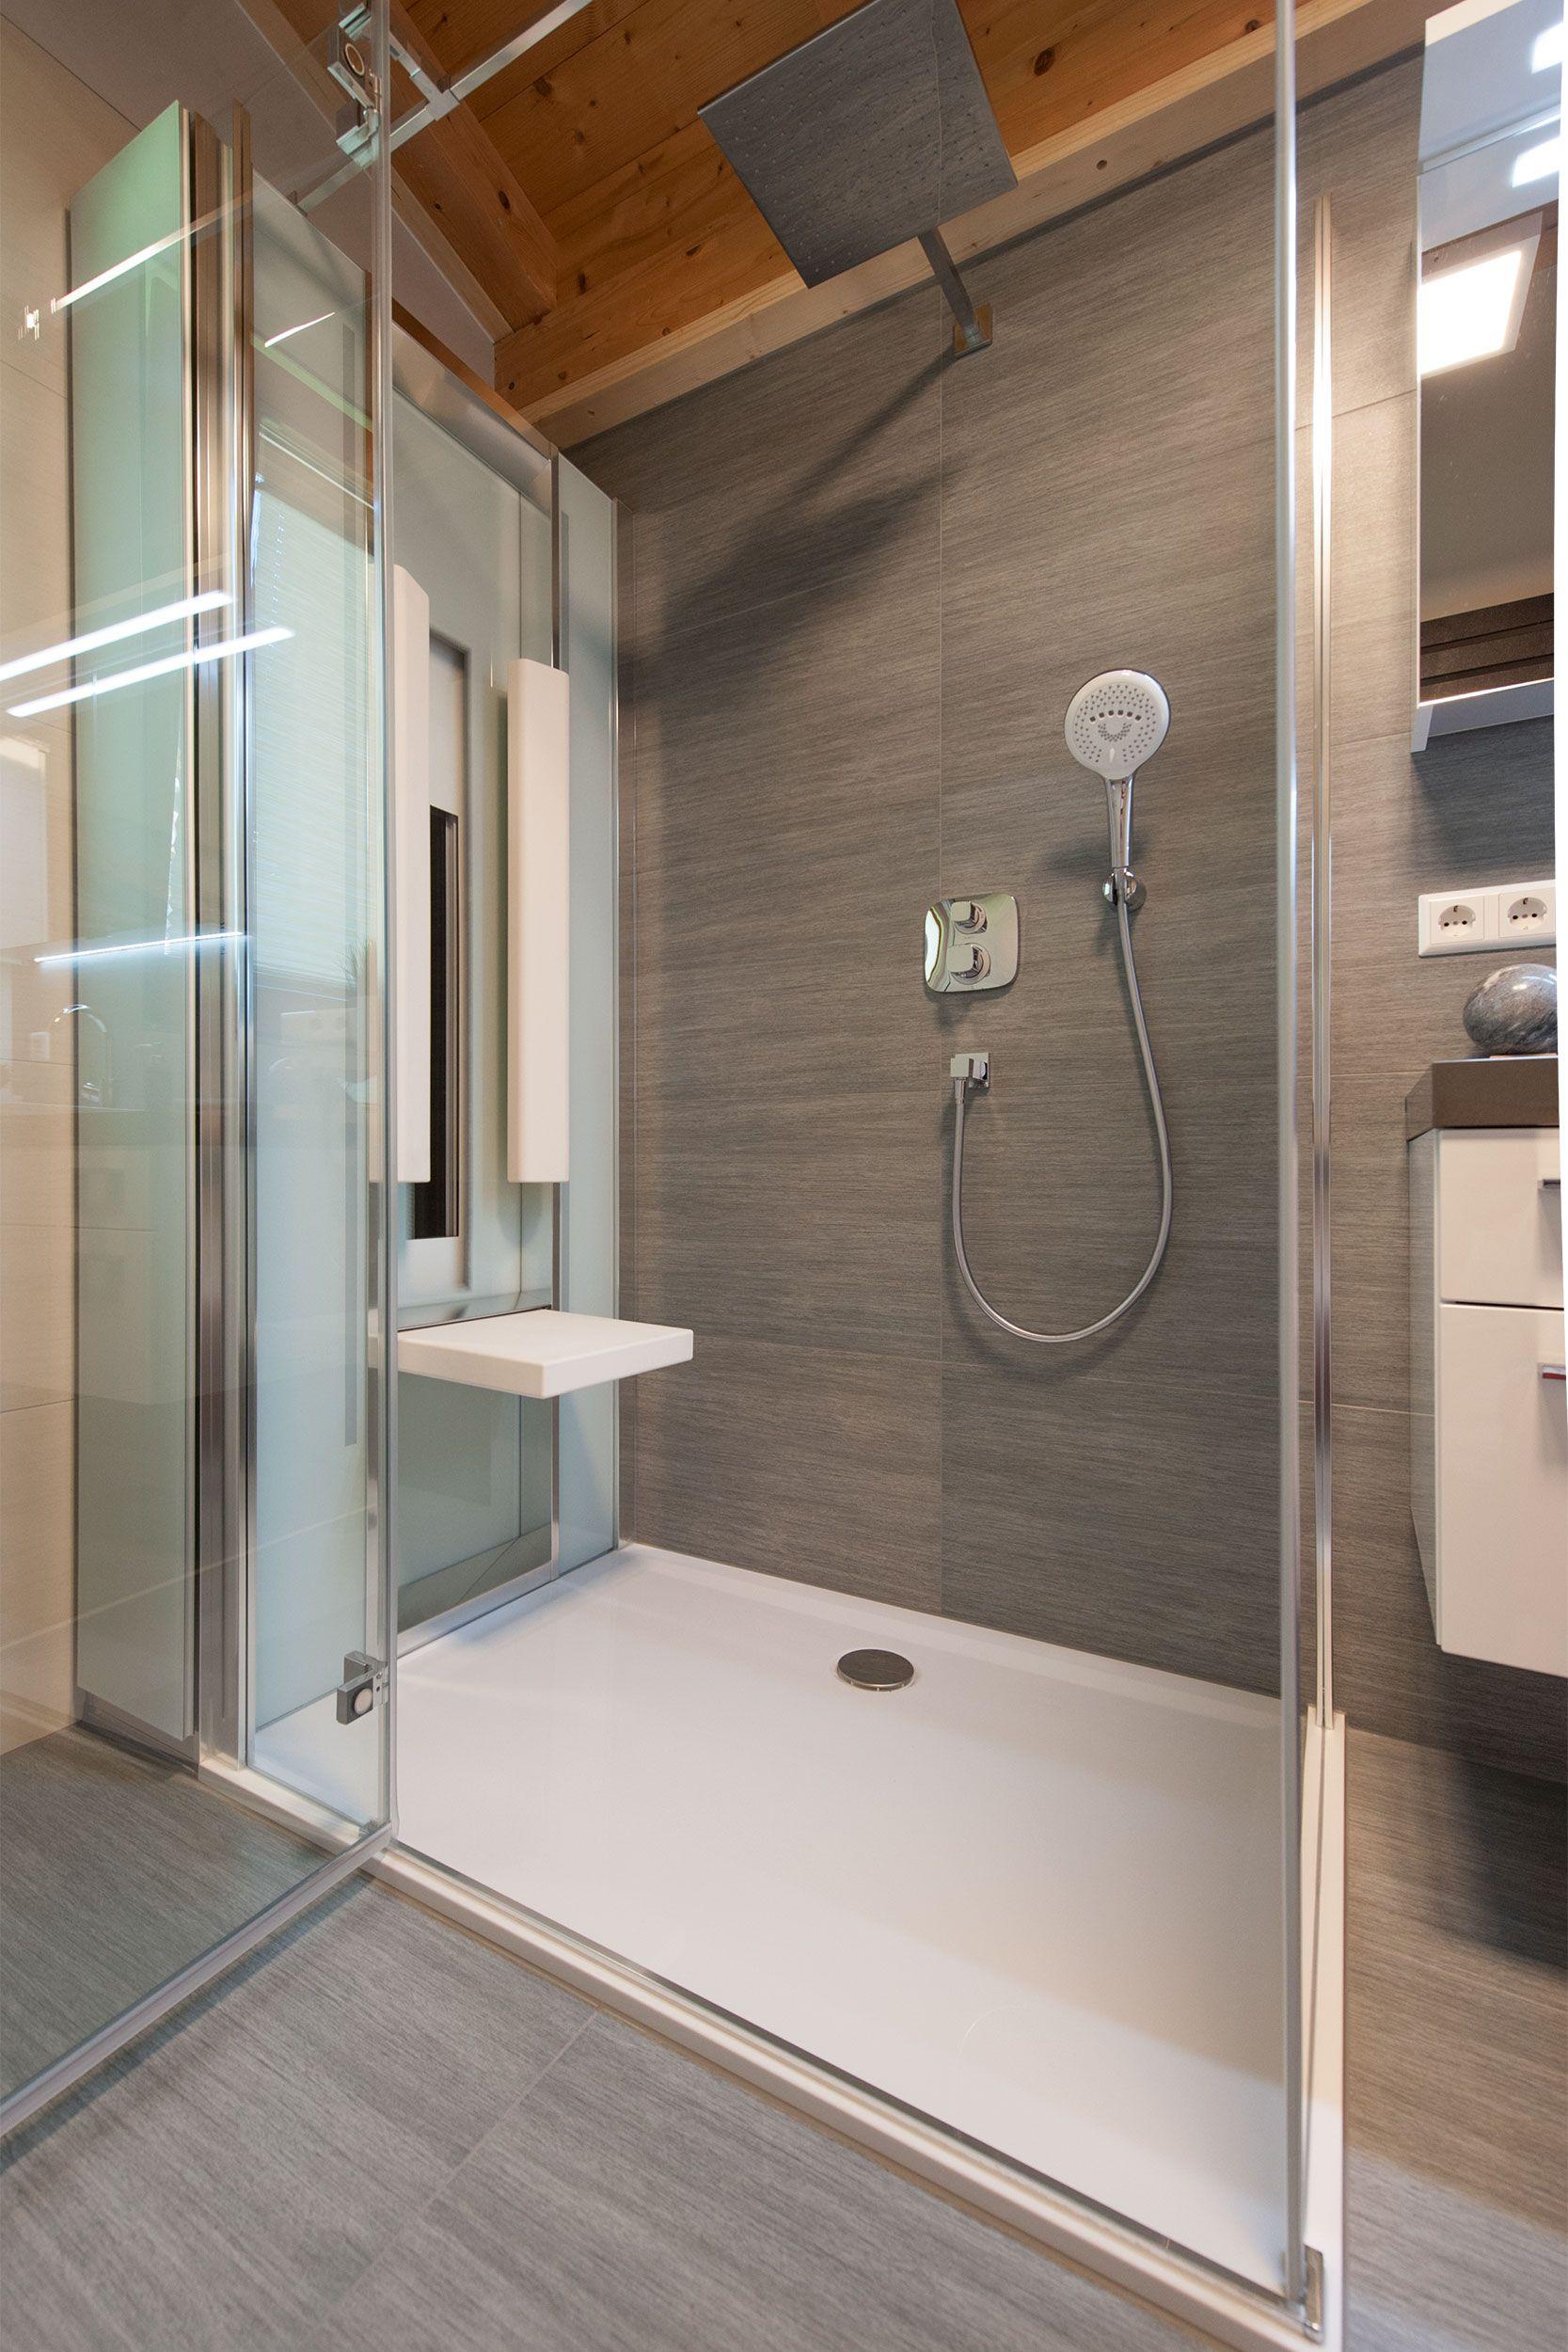 7 M Mansardenbad Vom Hsh Installator In 2020 Wc Mit Dusche Handbrause Spiegelschrank